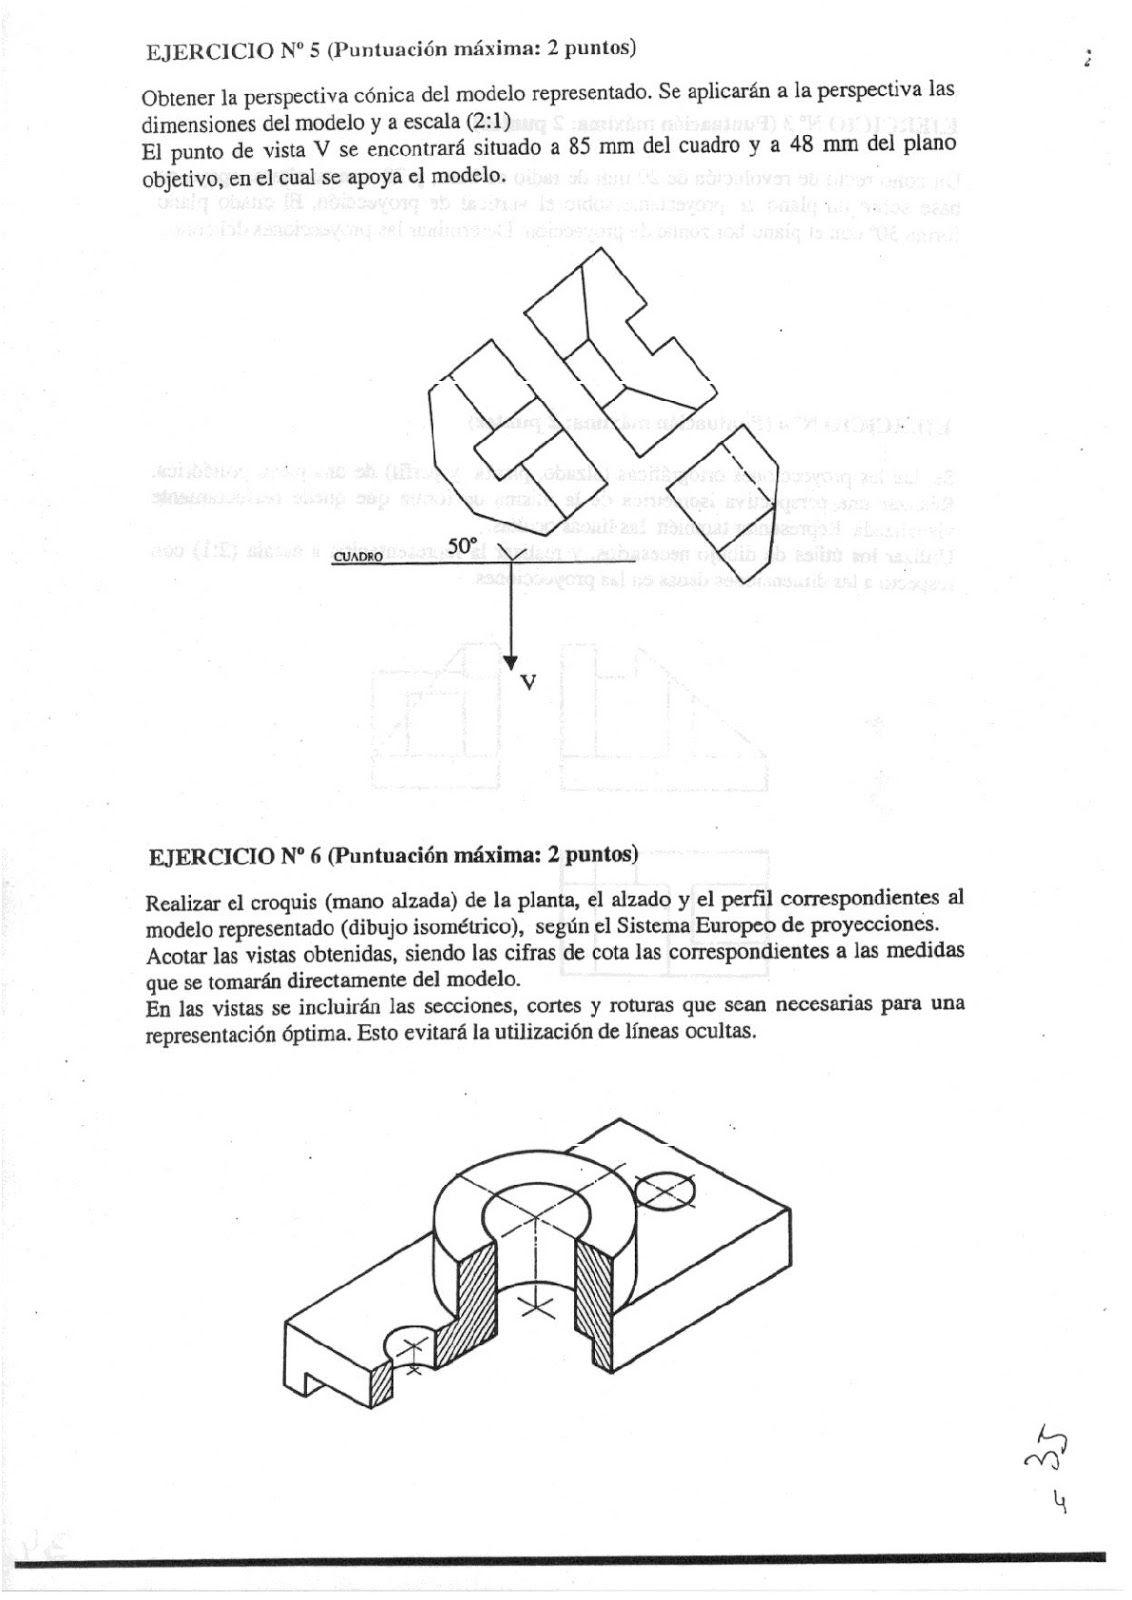 Examenes De Evaluacion Bachillerato Dibujo Tecnico Para El Acceso A La Universidad Ebau 2018 Convocatorias Junio Septiembr Bachillerato Examen Evaluacion